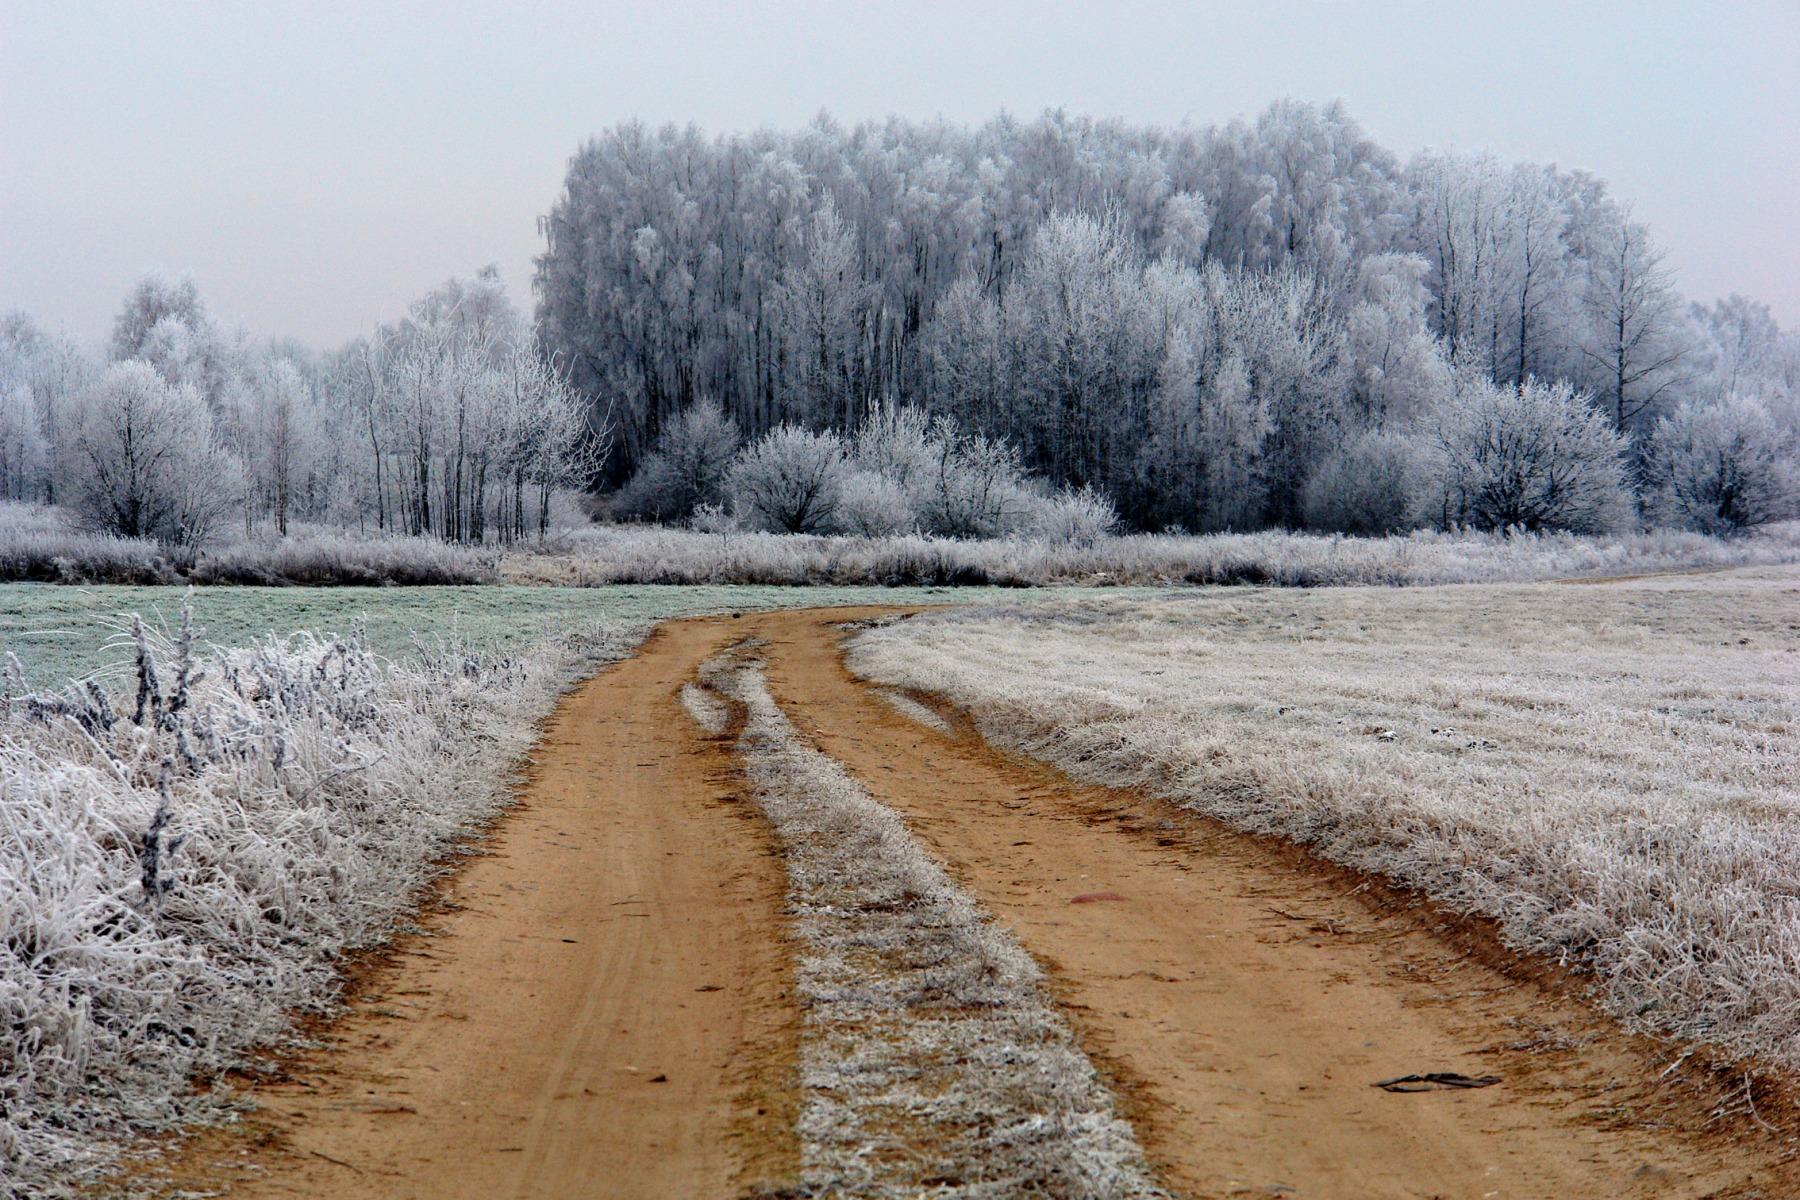 поля зимой фотографии легки транспортировке